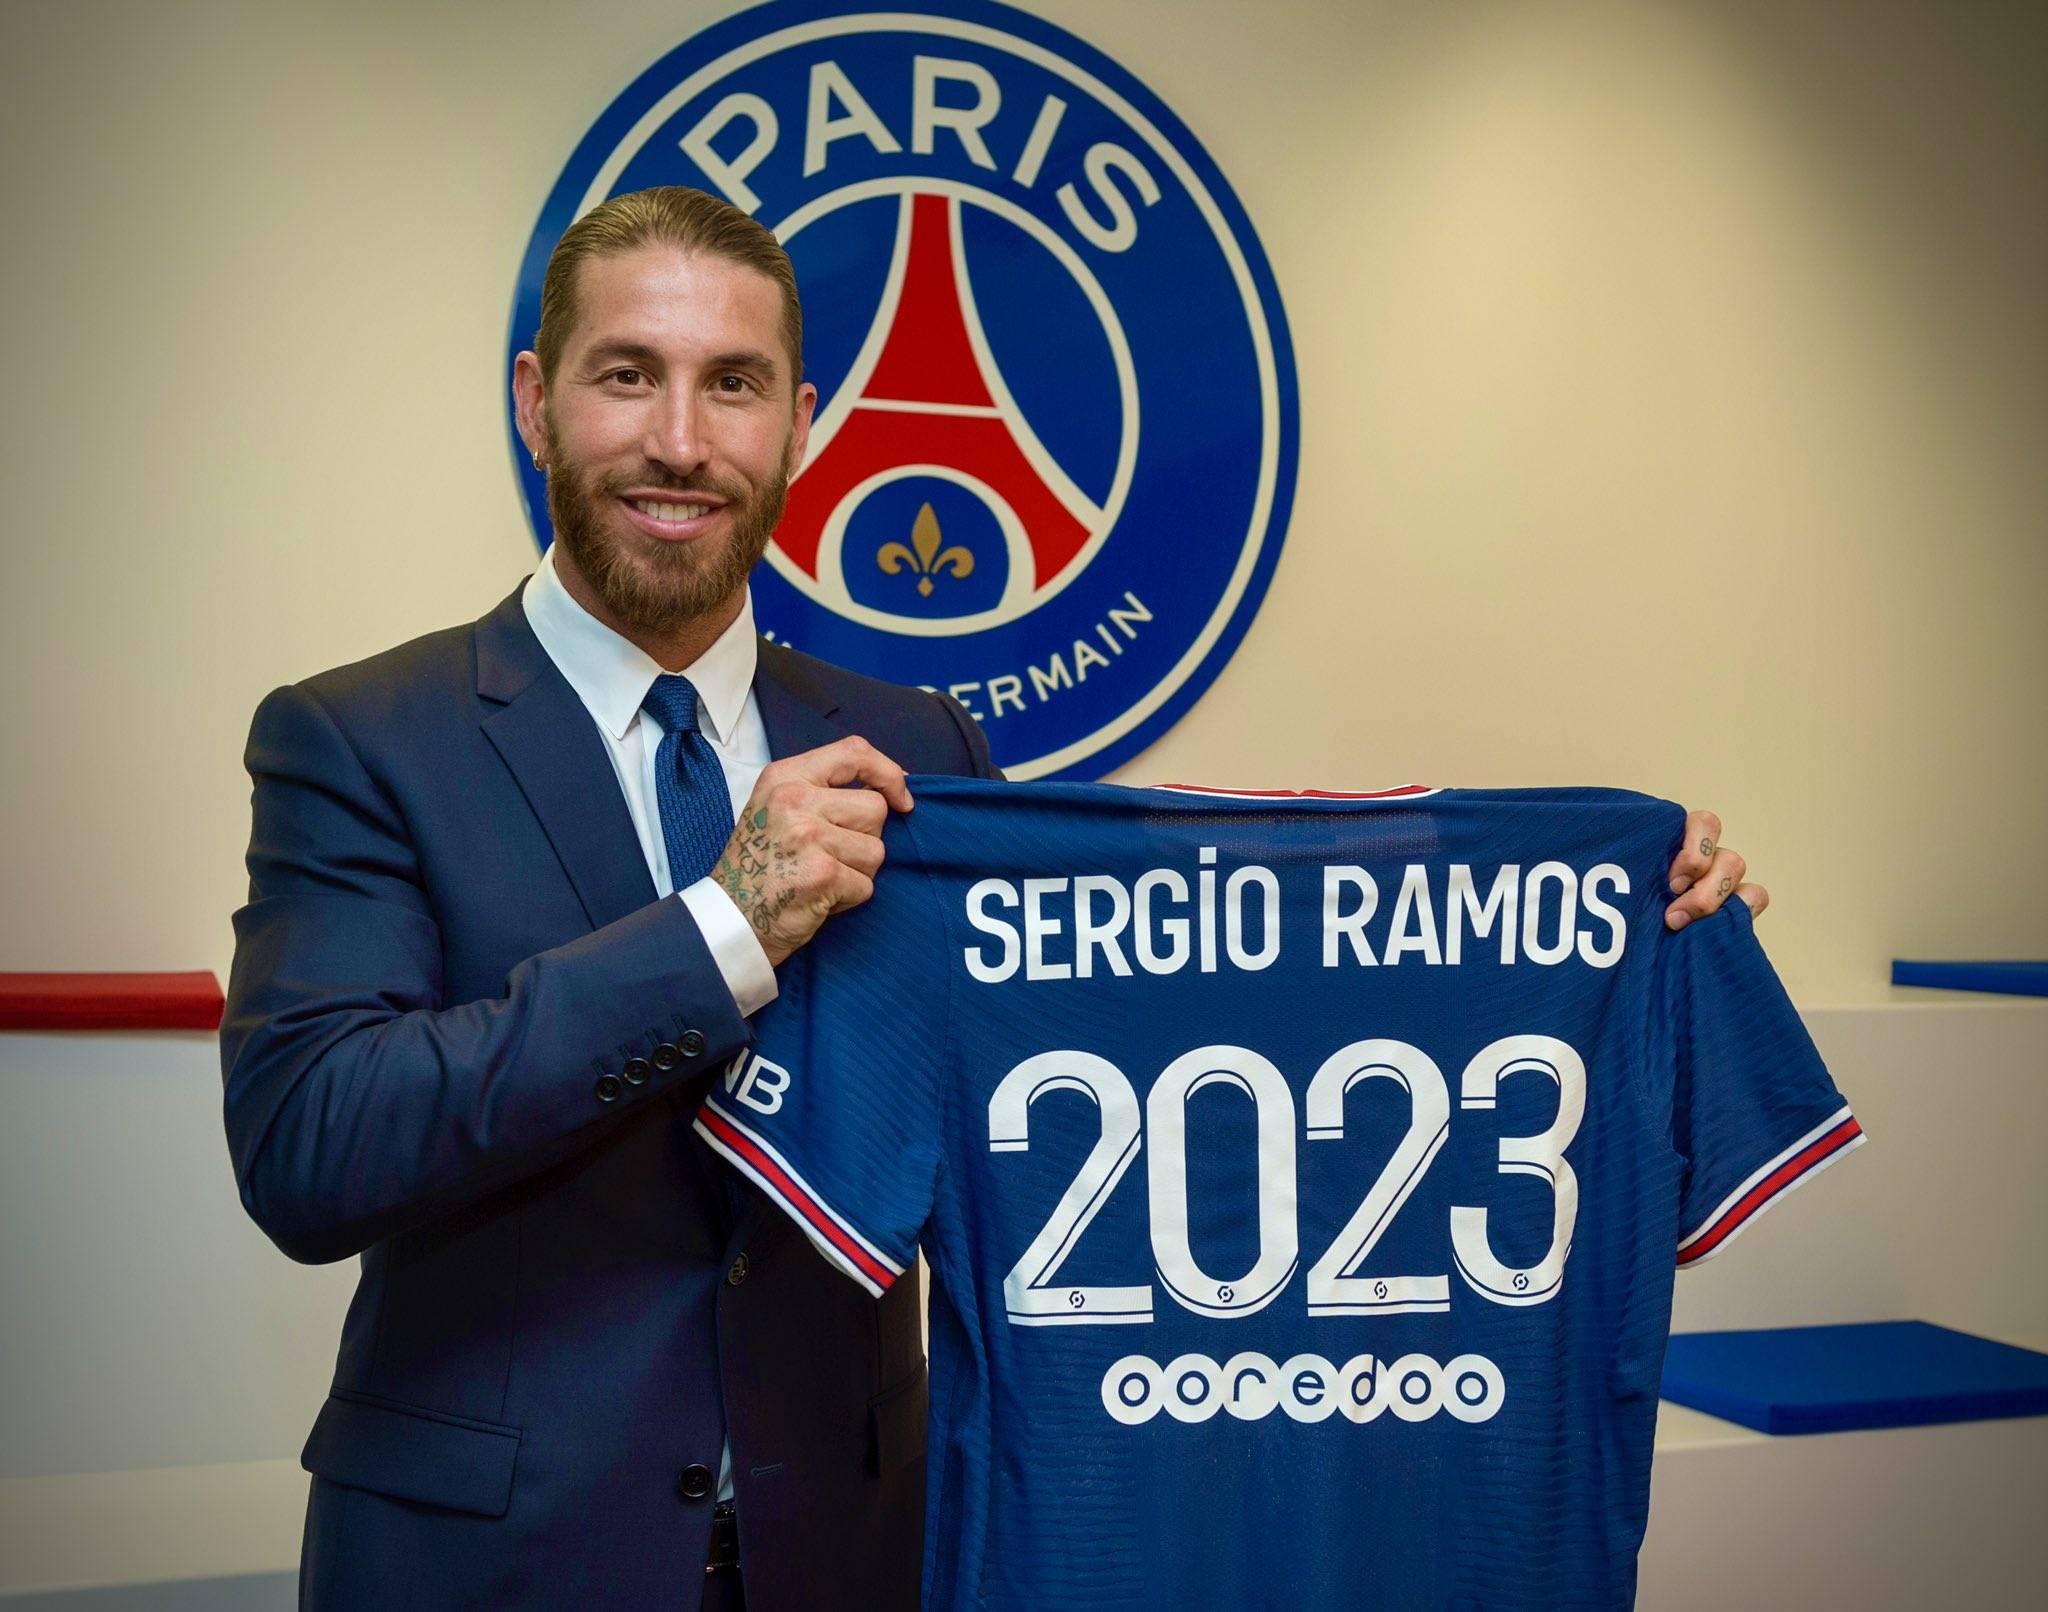 官方:巴黎一天内二次宣布拉莫斯加盟签约至2023年63v